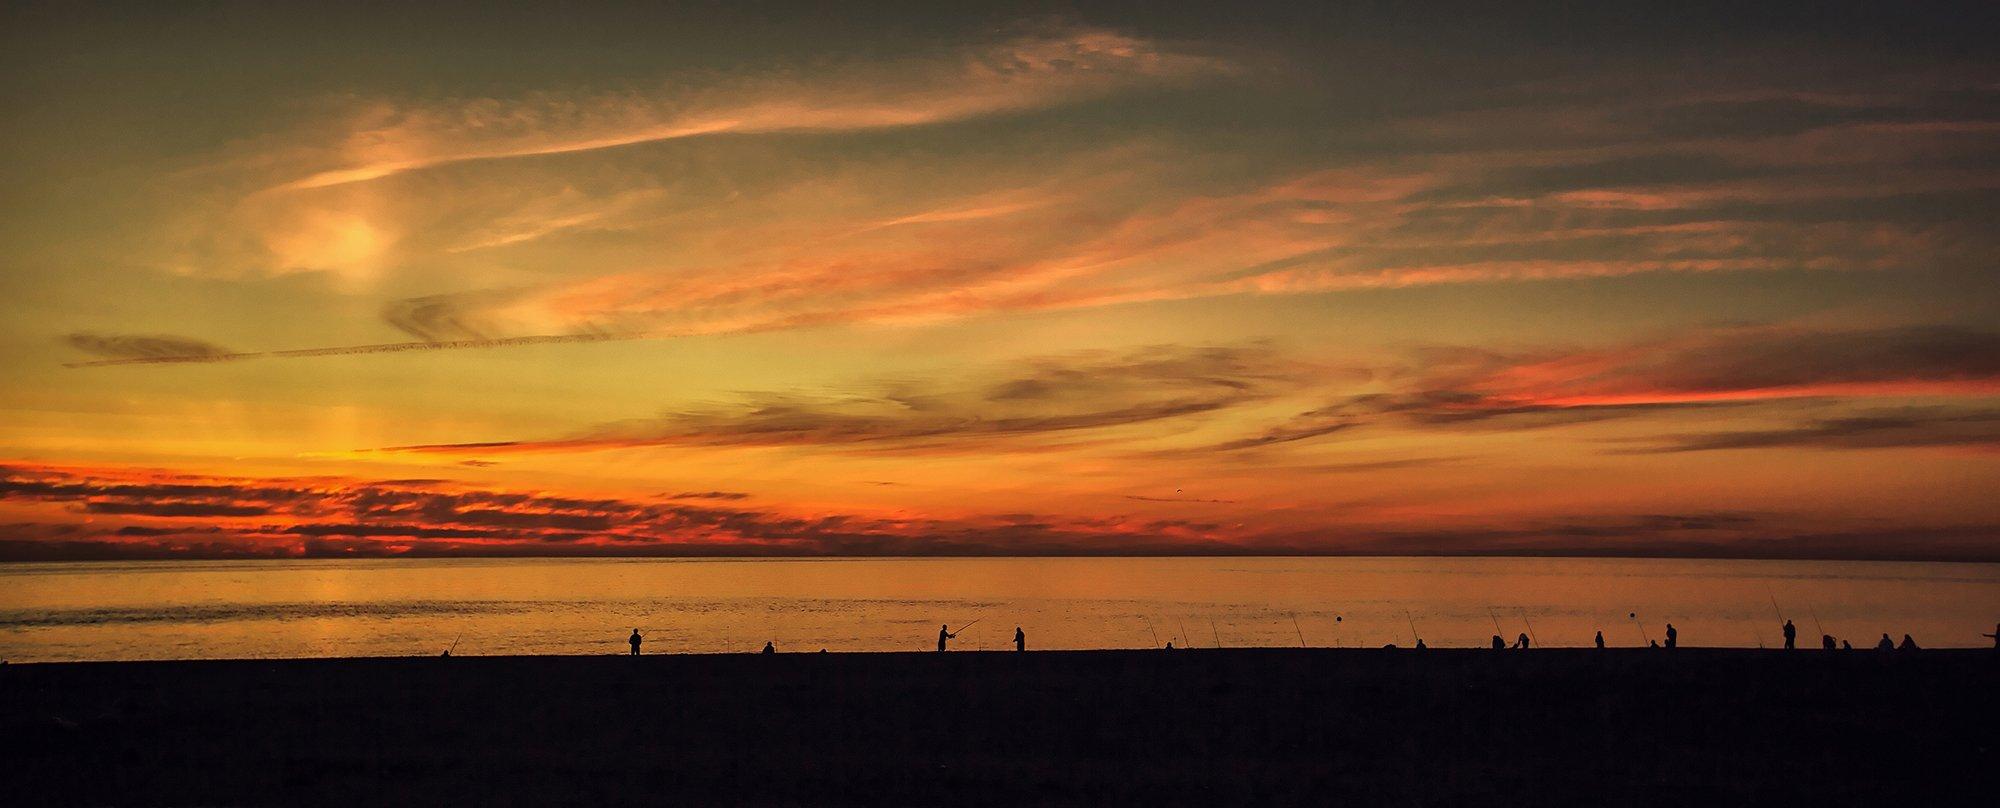 #рыбаки #море #солнце #узоры #сочи #природа #пейзаж #рисунок #закат, Сергей Найбич